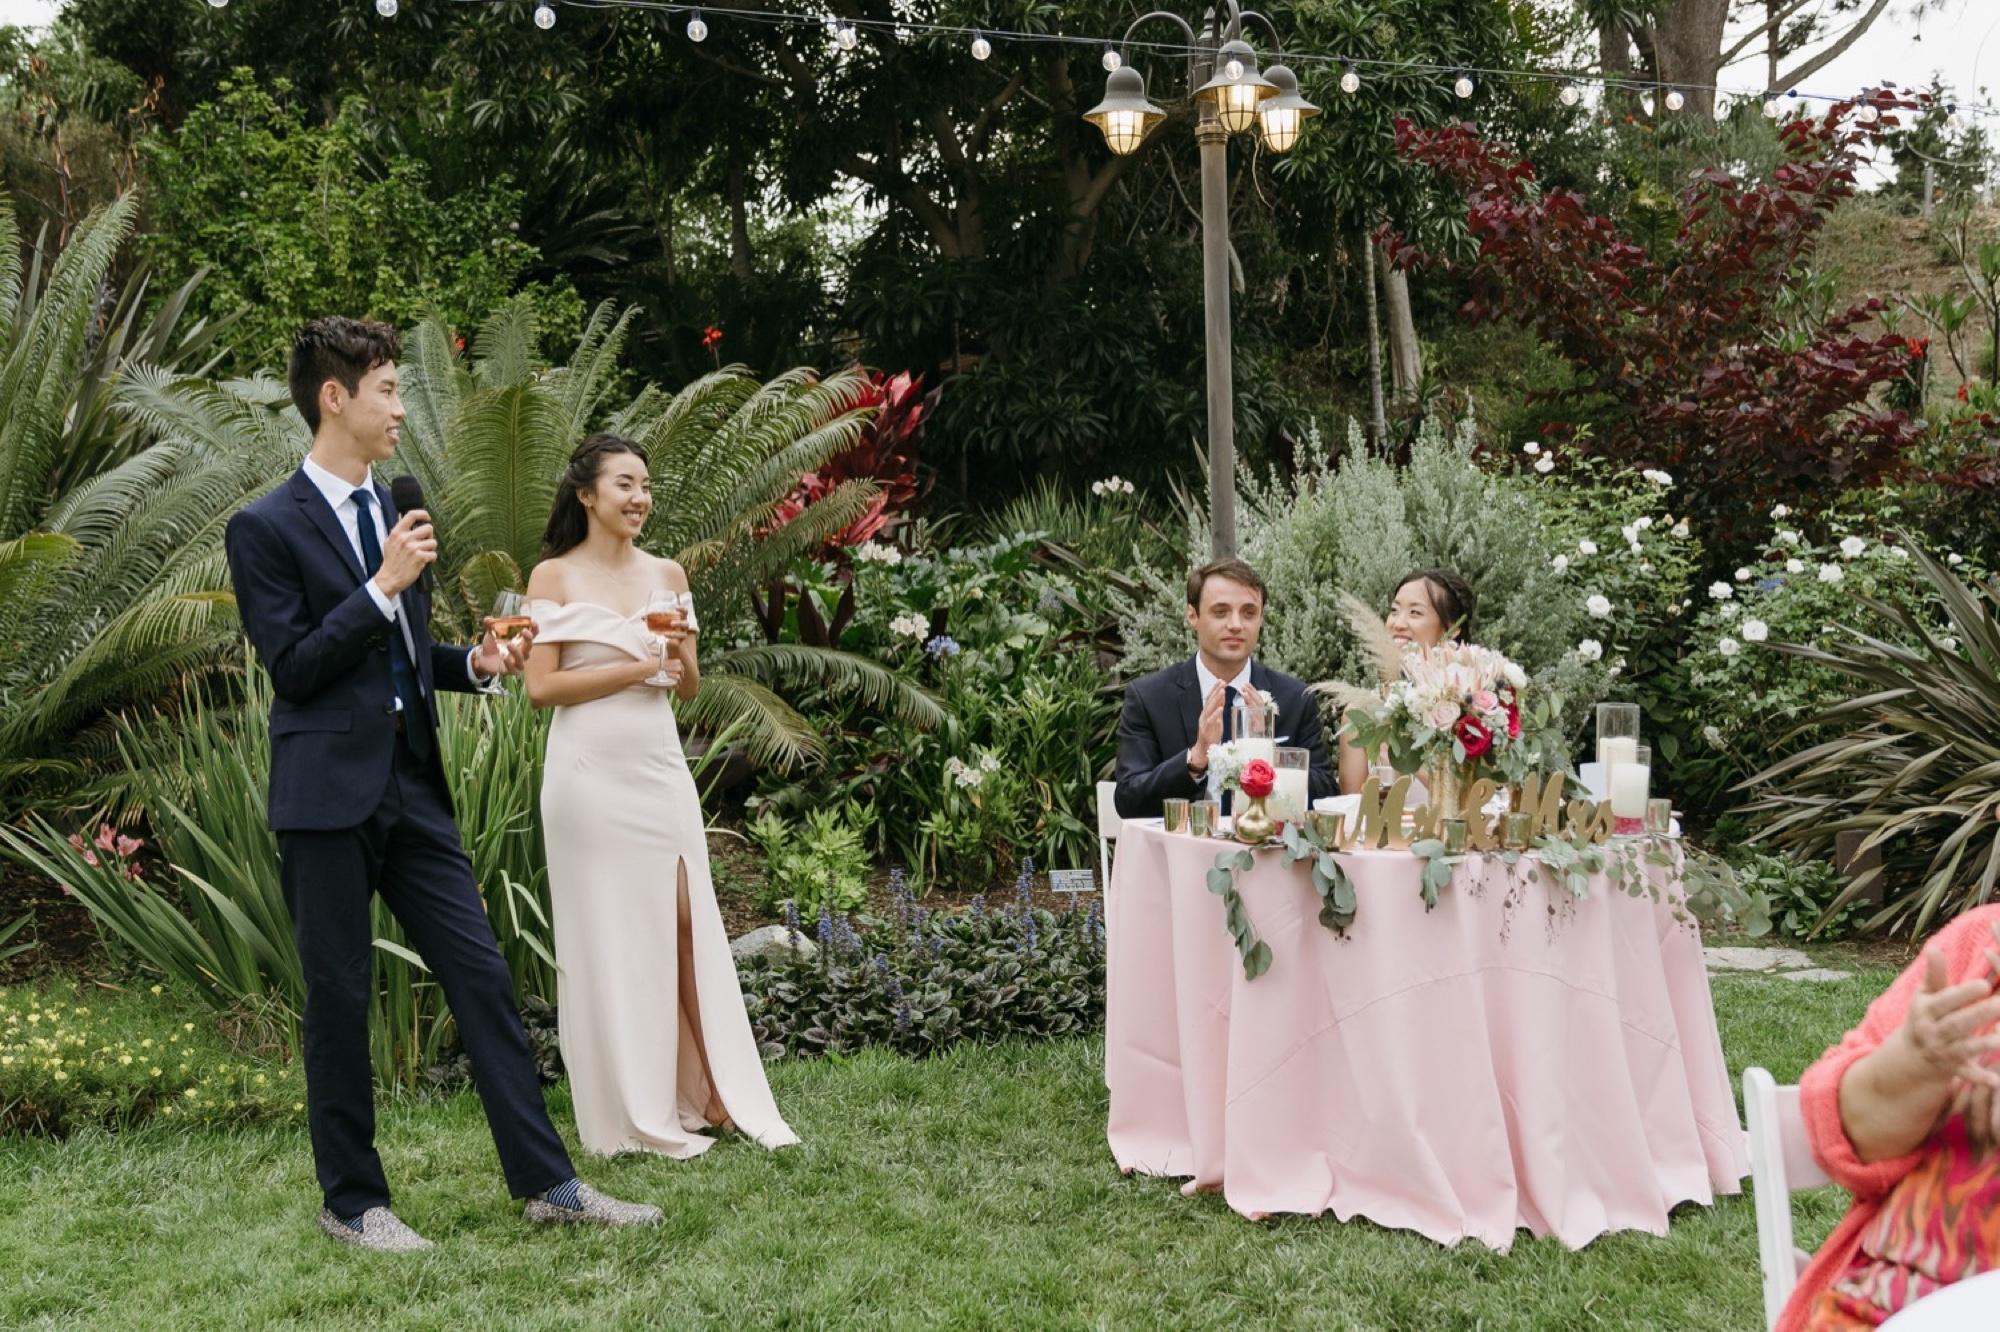 070_Shawna and Steve's Wedding-450.jpg